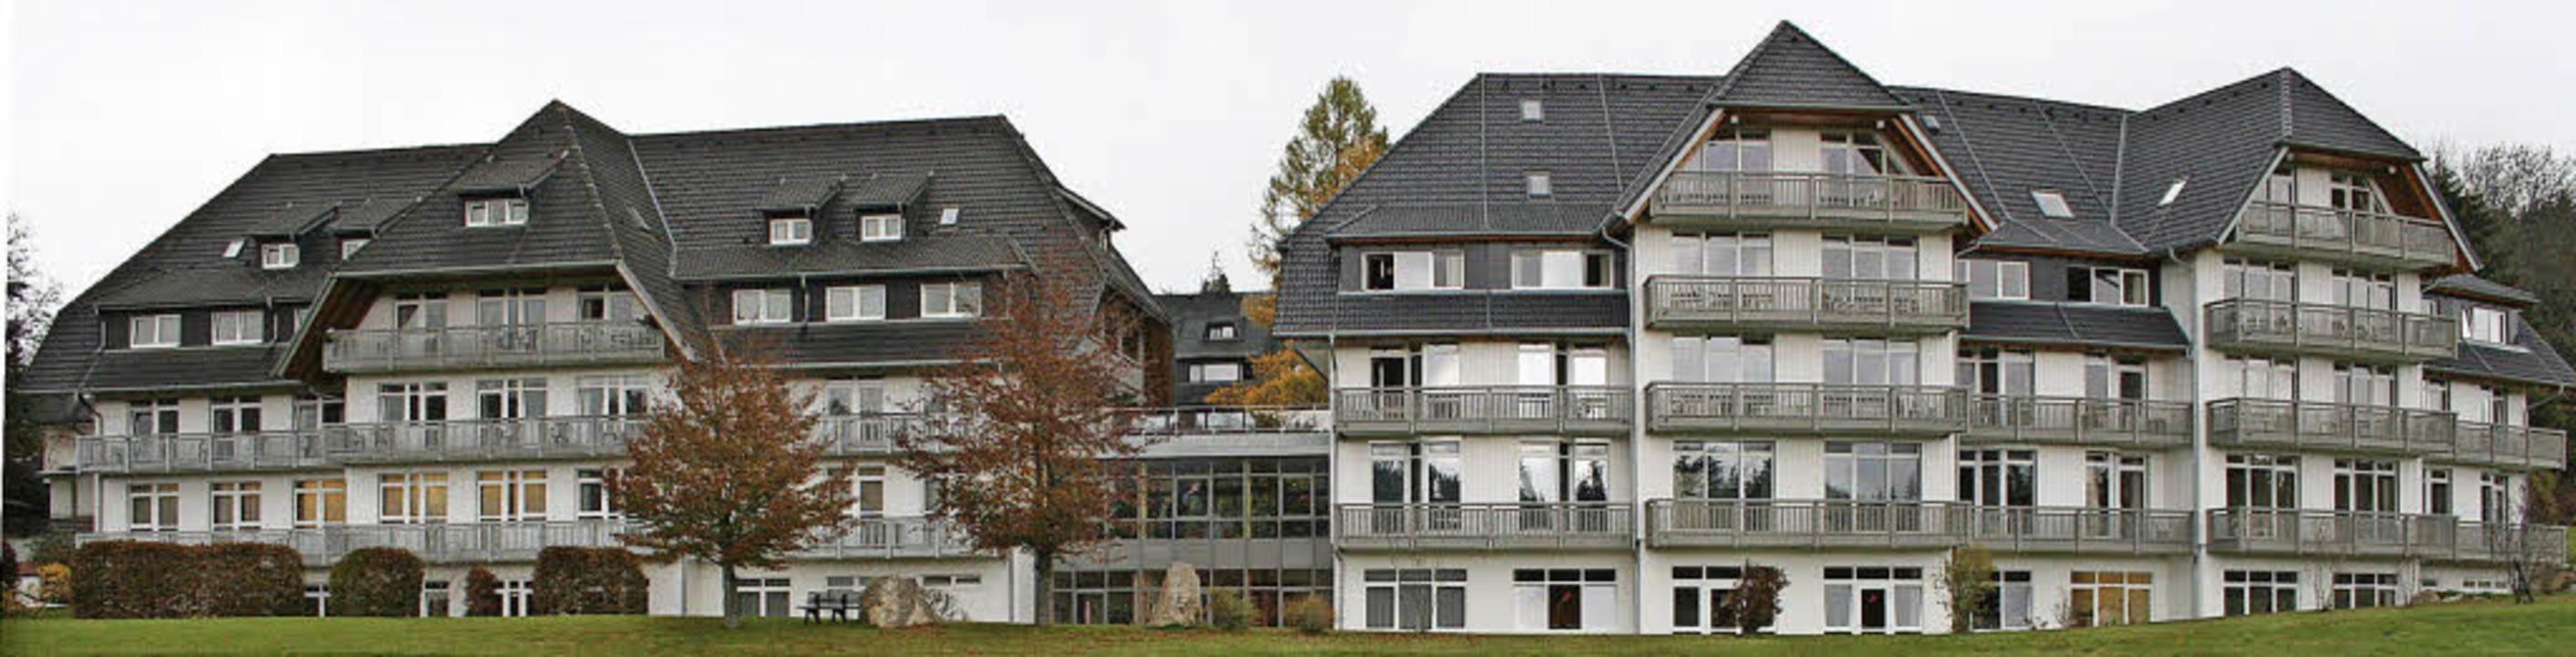 Die Földi-Klinik in Hinterzarten ist e...zinischen  Forschers Michael Földi  .   | Foto: Dieter maurer